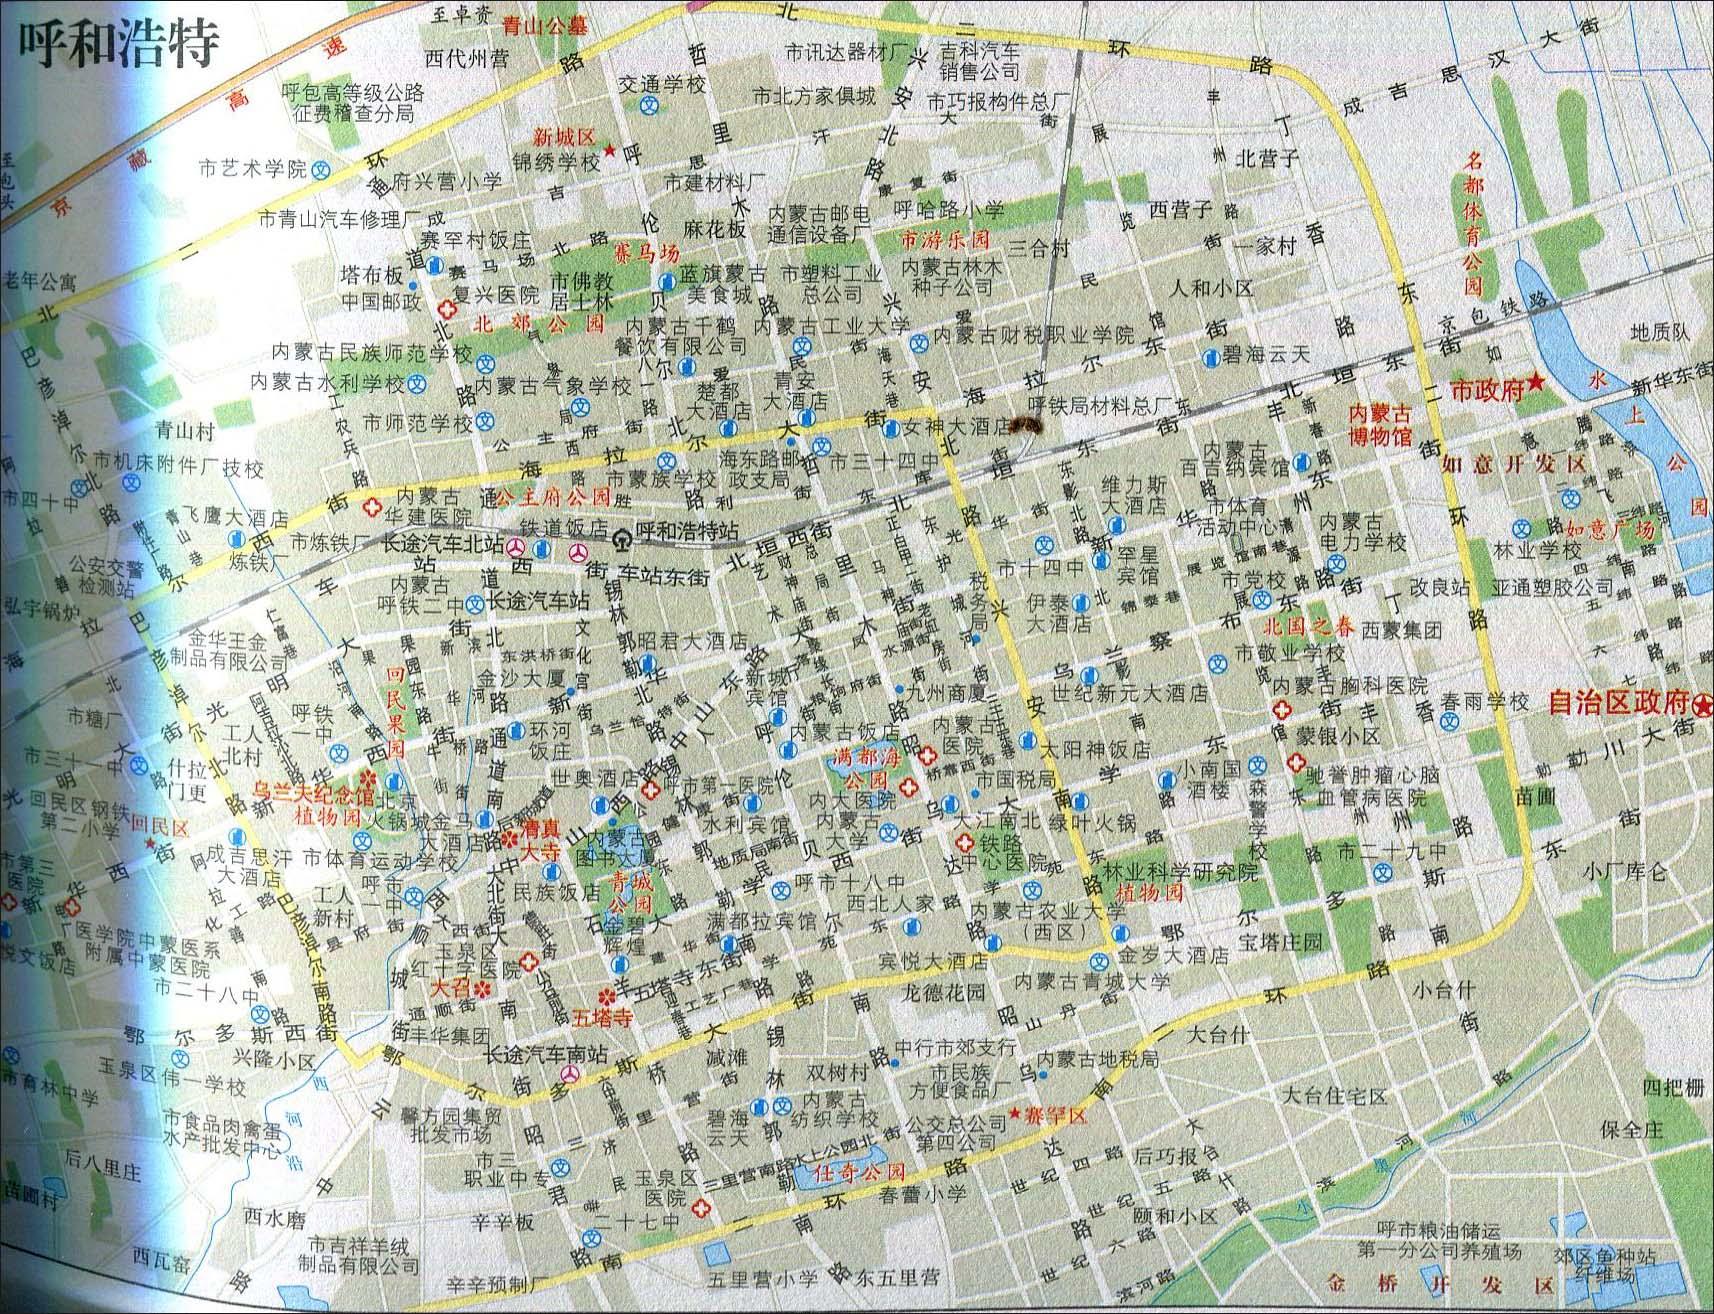 旅游地图 内蒙古旅游 >> 呼和浩特旅游交通地图  景点导航:世界旅游